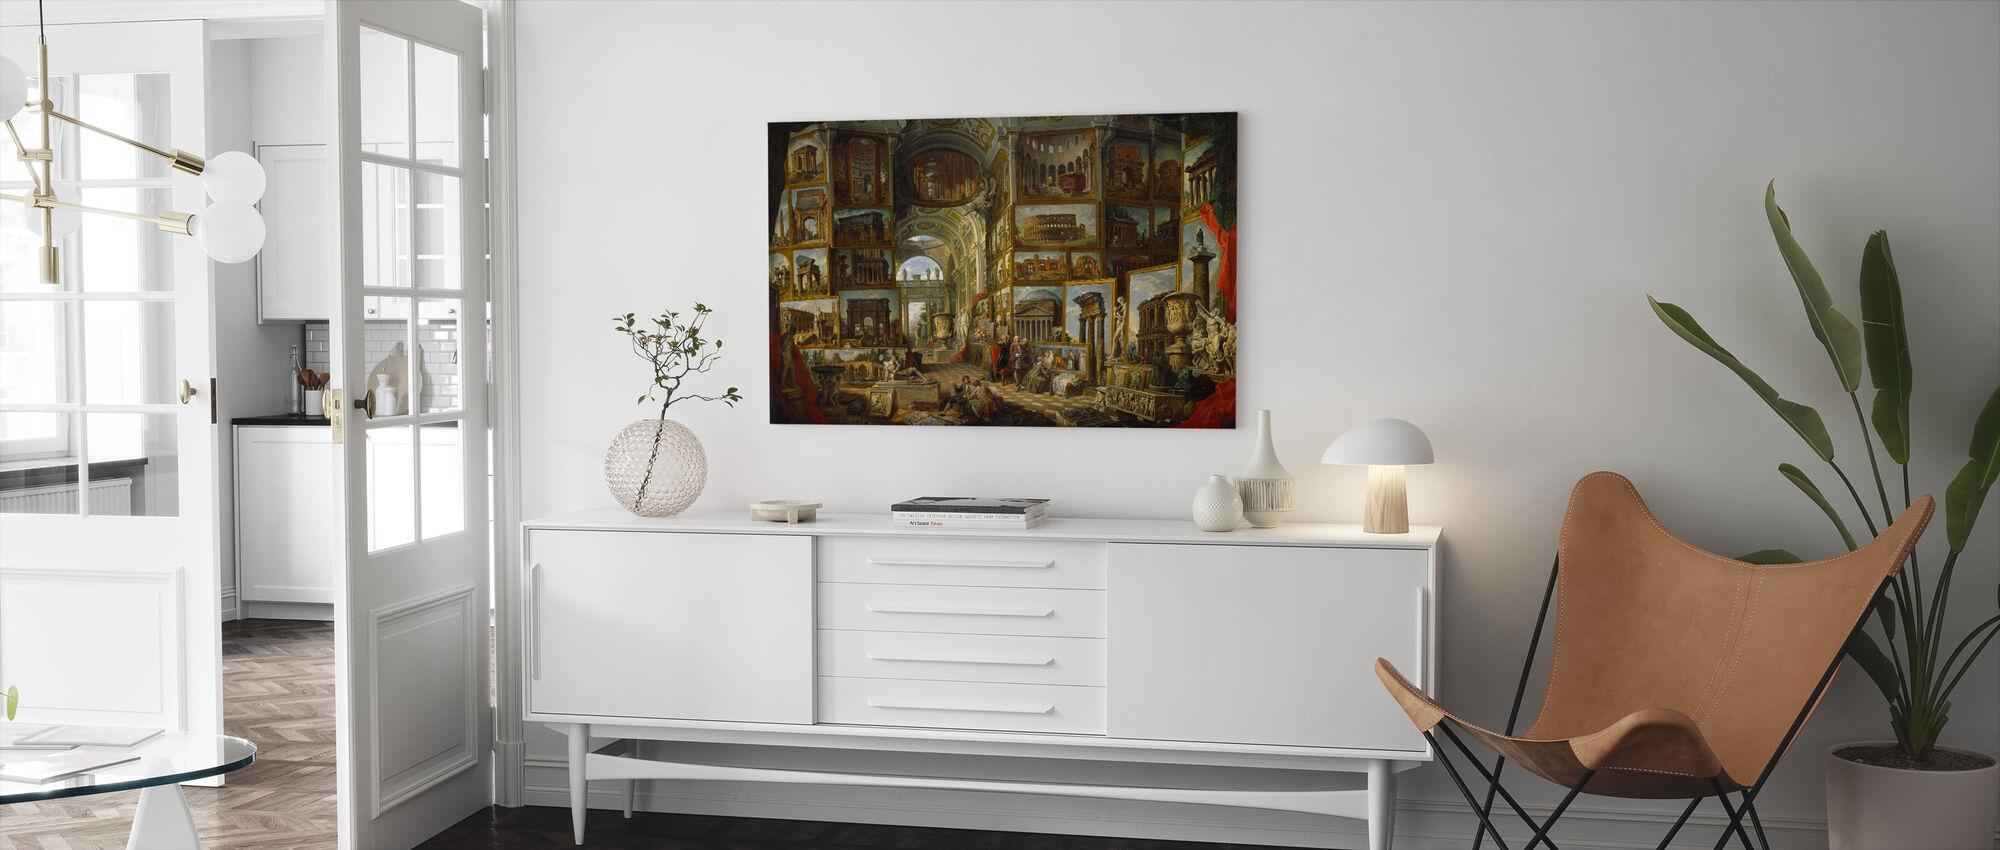 Galerij Van Uitzicht Van Het Oude Rome - Canvas print - Woonkamer